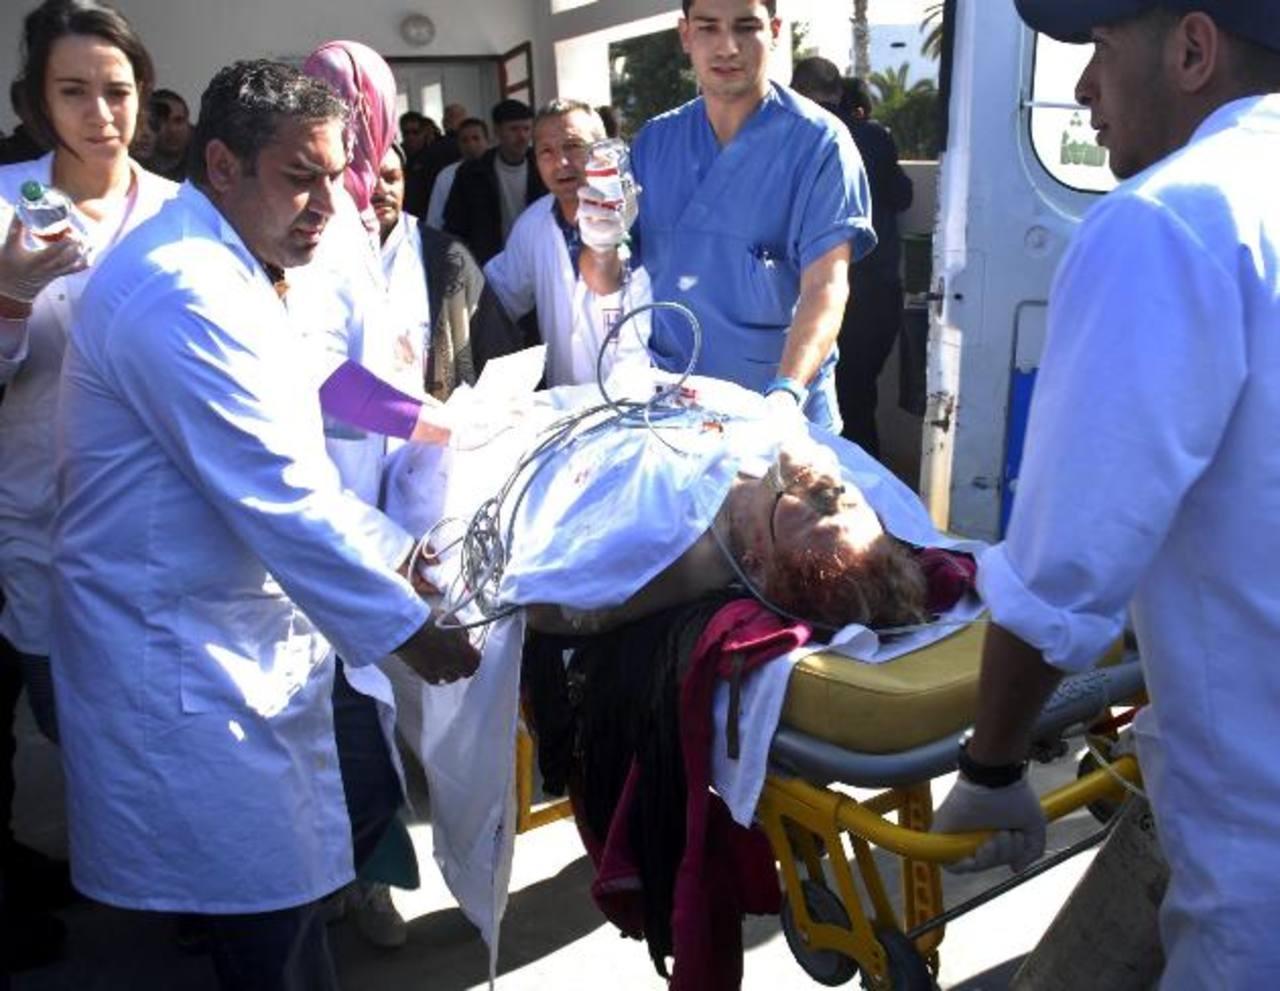 Un herido es evacuado del Museo del Bardo al hospital Charle Nicol, después del atentado perpetrado en Túnez. foto edh / efe